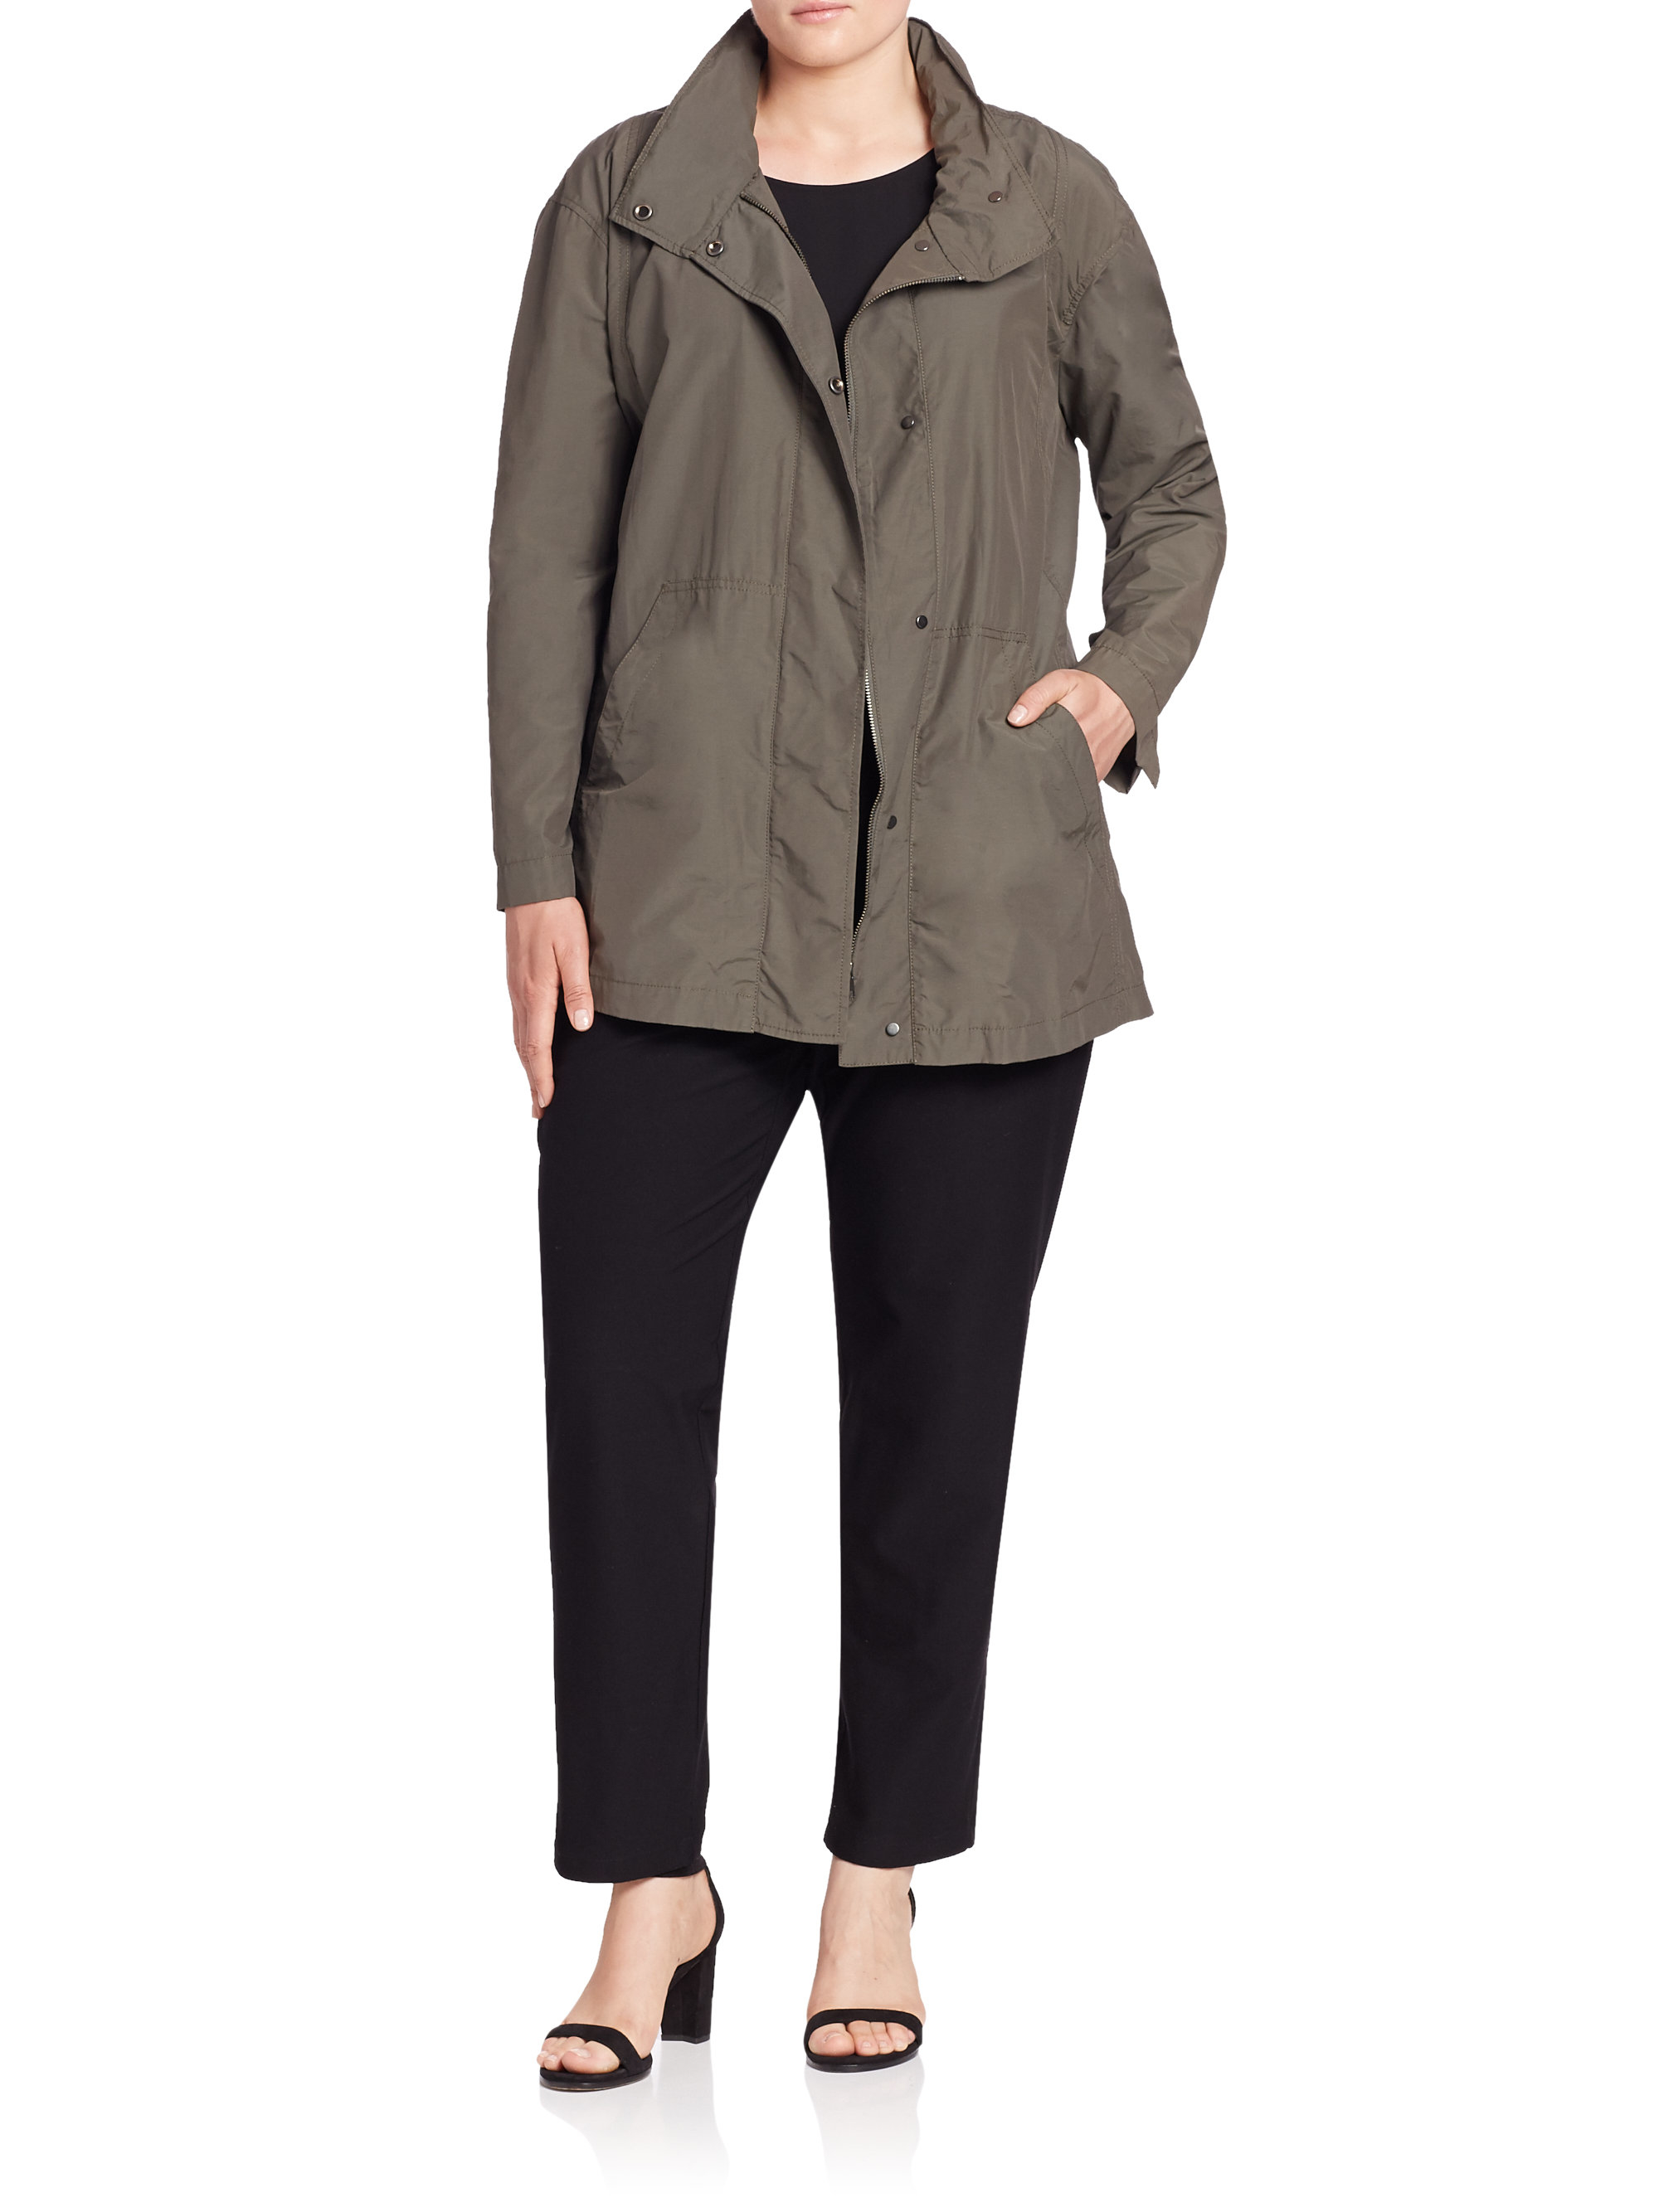 Tan North Face Jacket